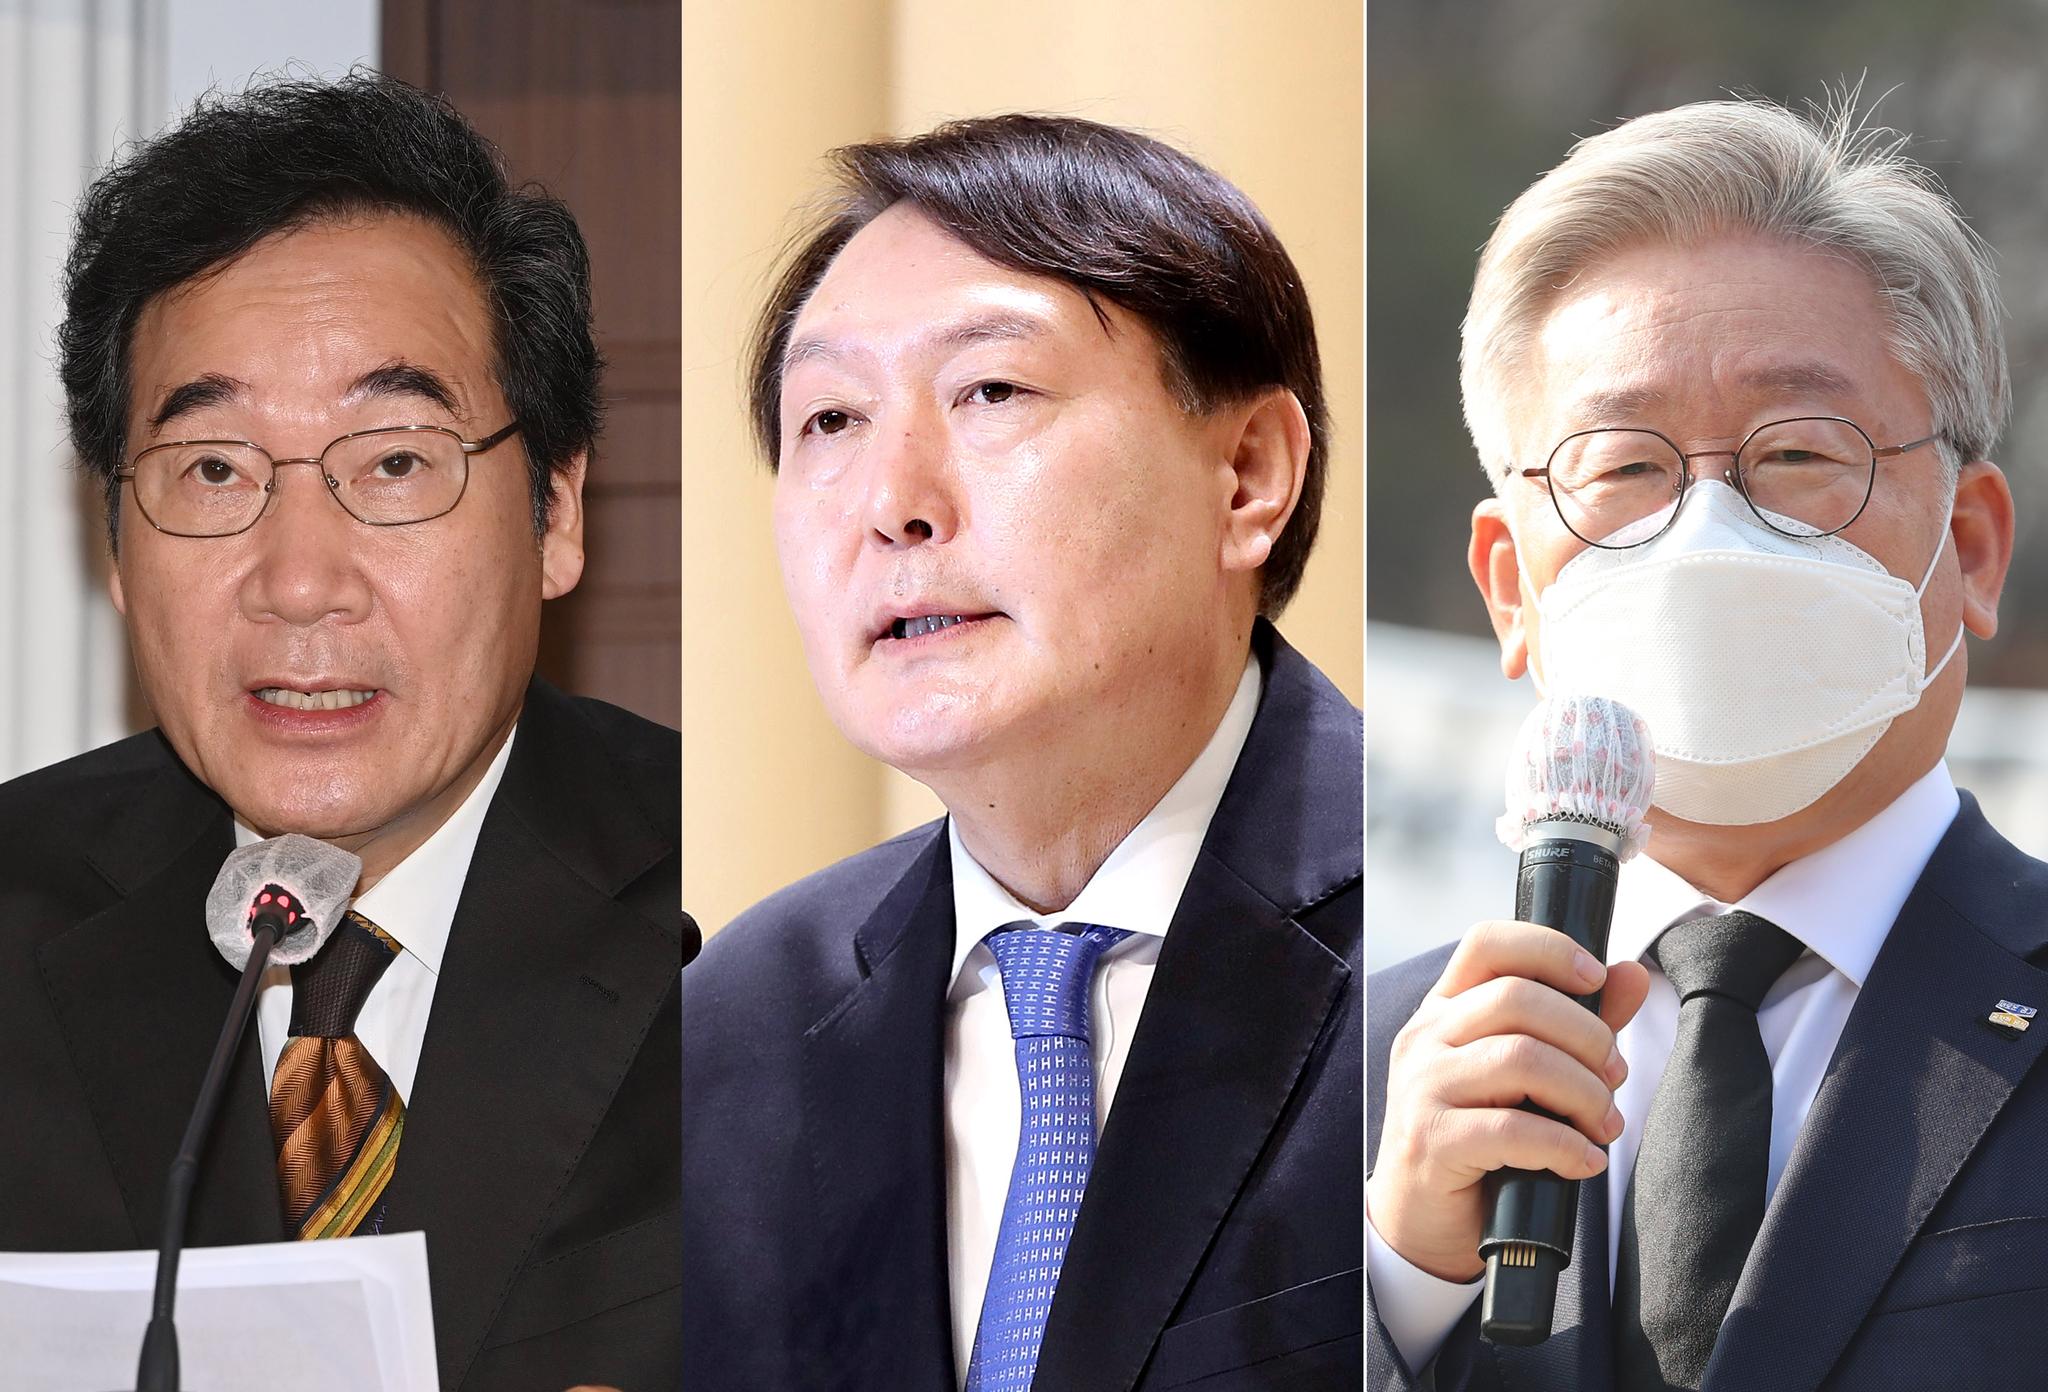 왼쪽부터 이낙연 더불어민주당 대표, 윤석열 검찰총장, 이재명 경기도지사. 연합뉴스·뉴스1·뉴시스